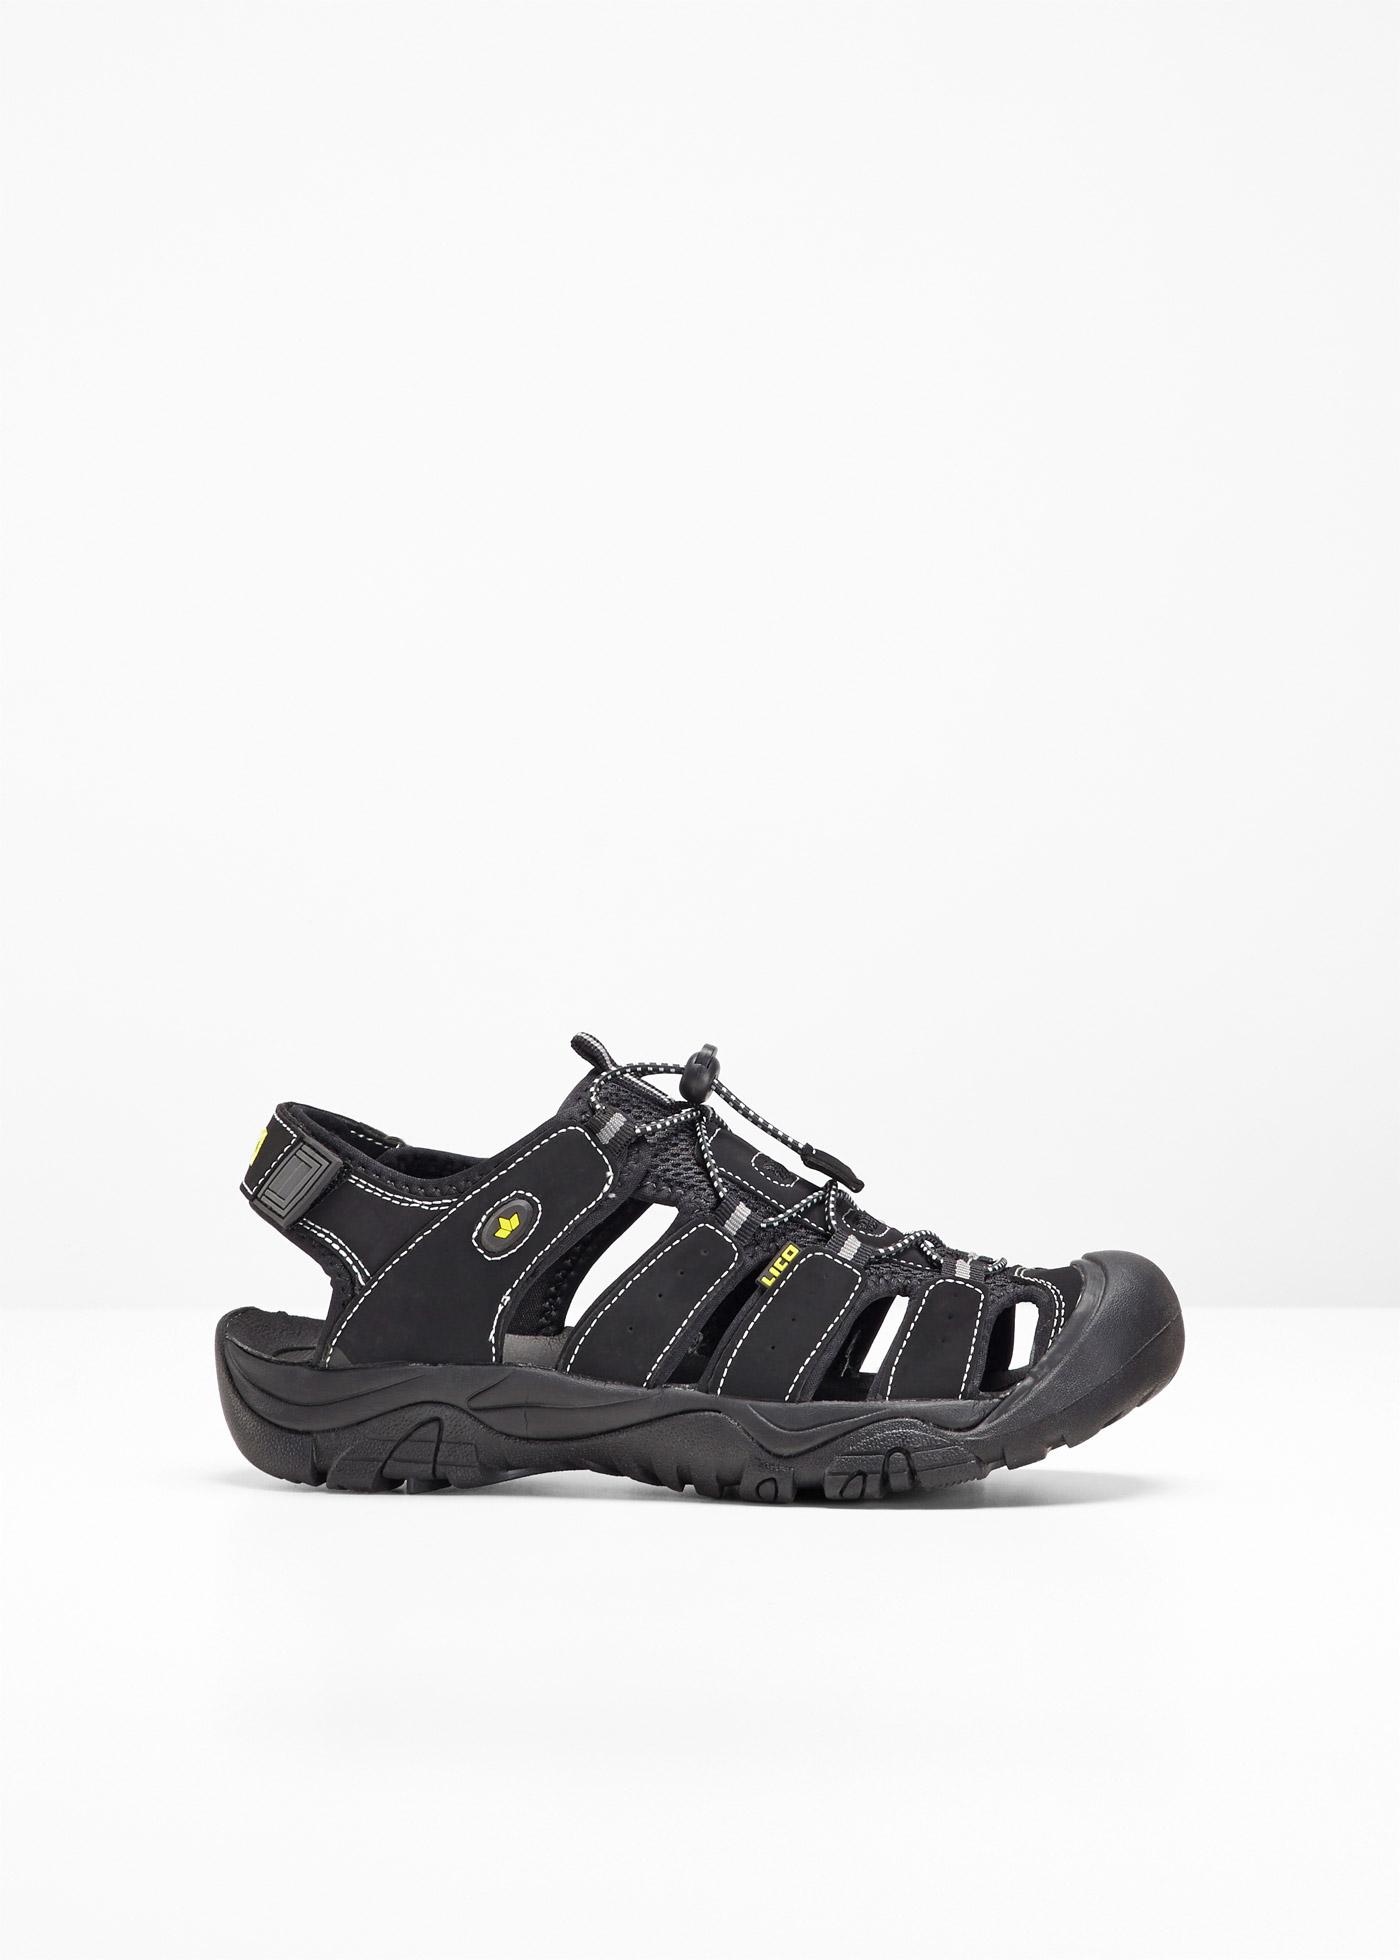 Sandalo da trekking Lico (Nero) - Lico